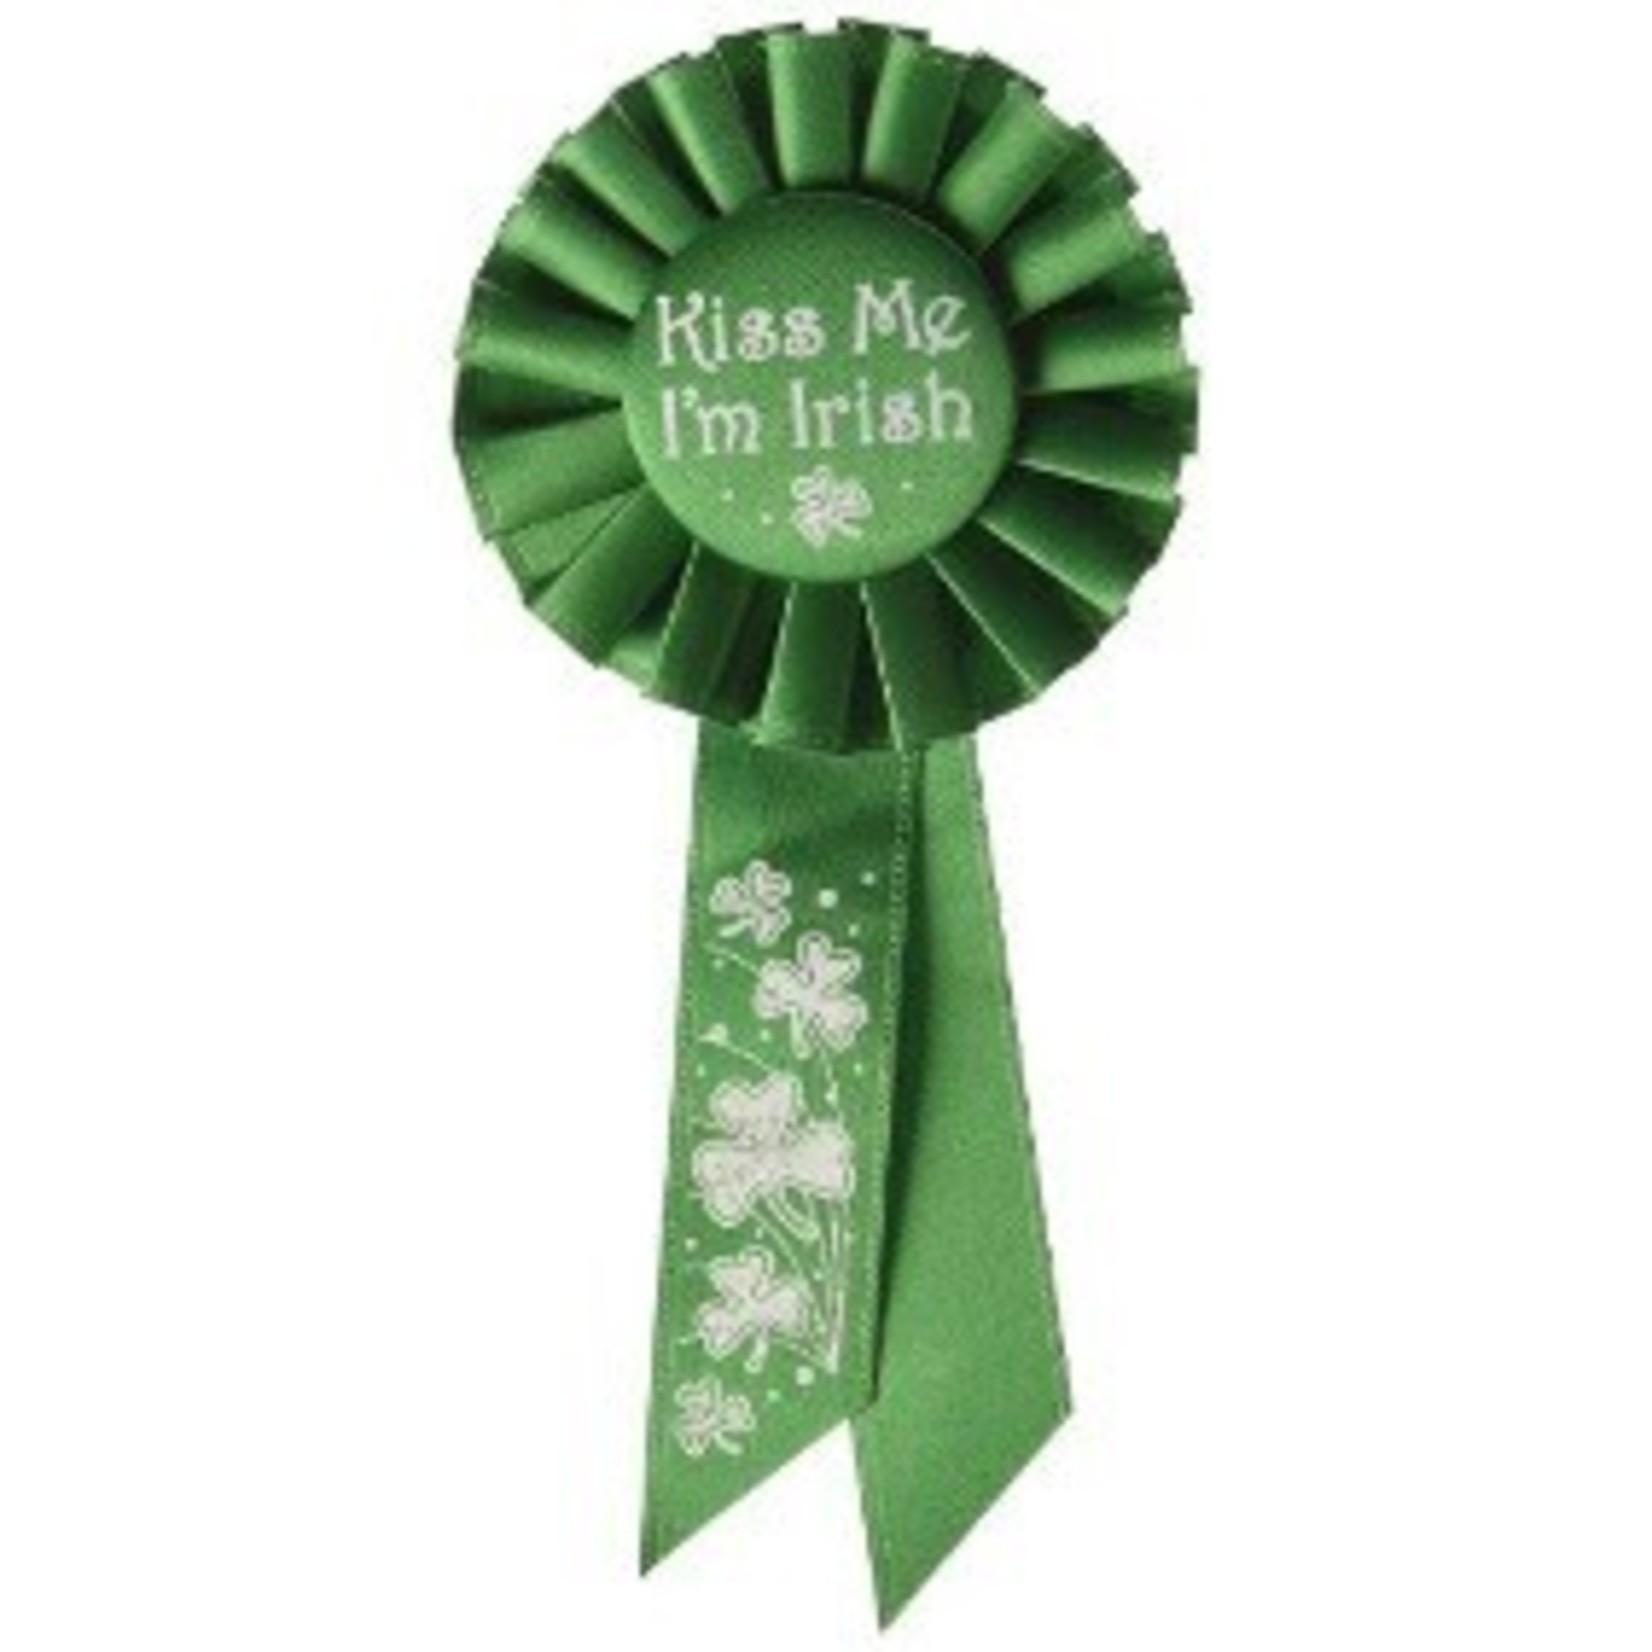 Award Ribbon - Kiss me I'm Irish